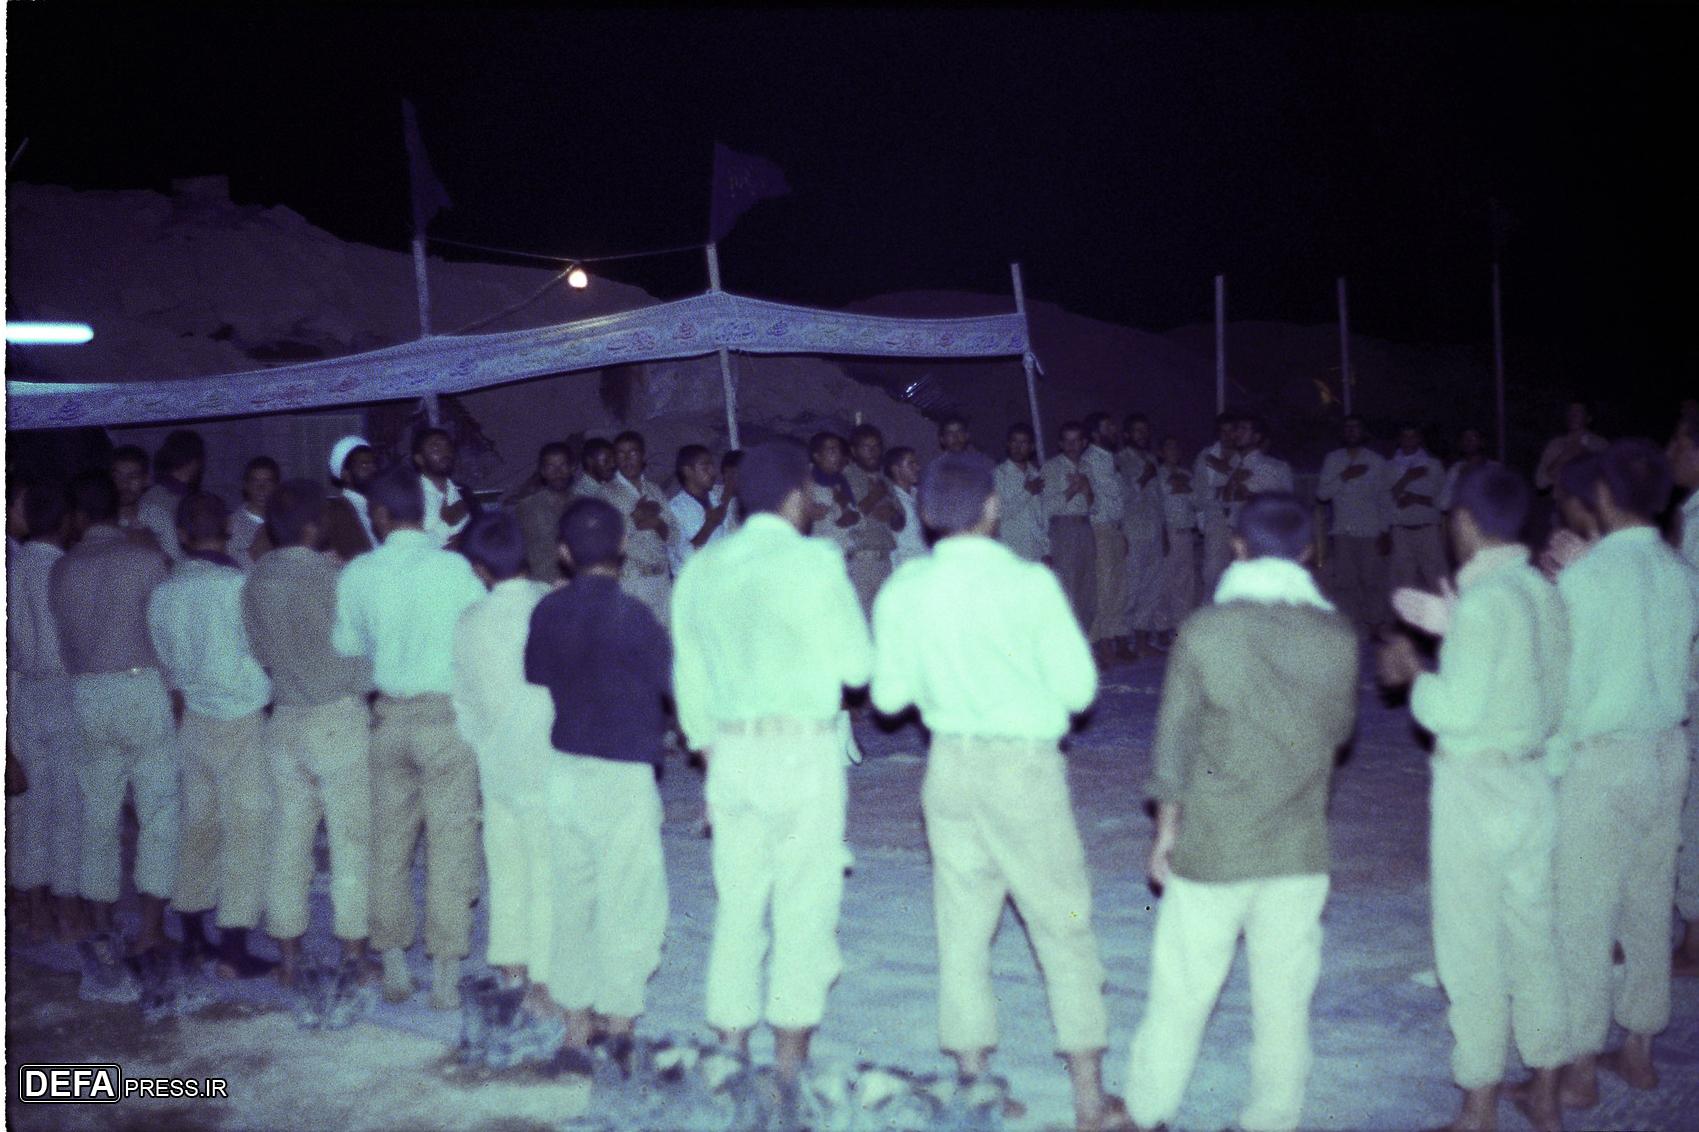 مراسم عزاداری رزمندگان در قاب تصویر